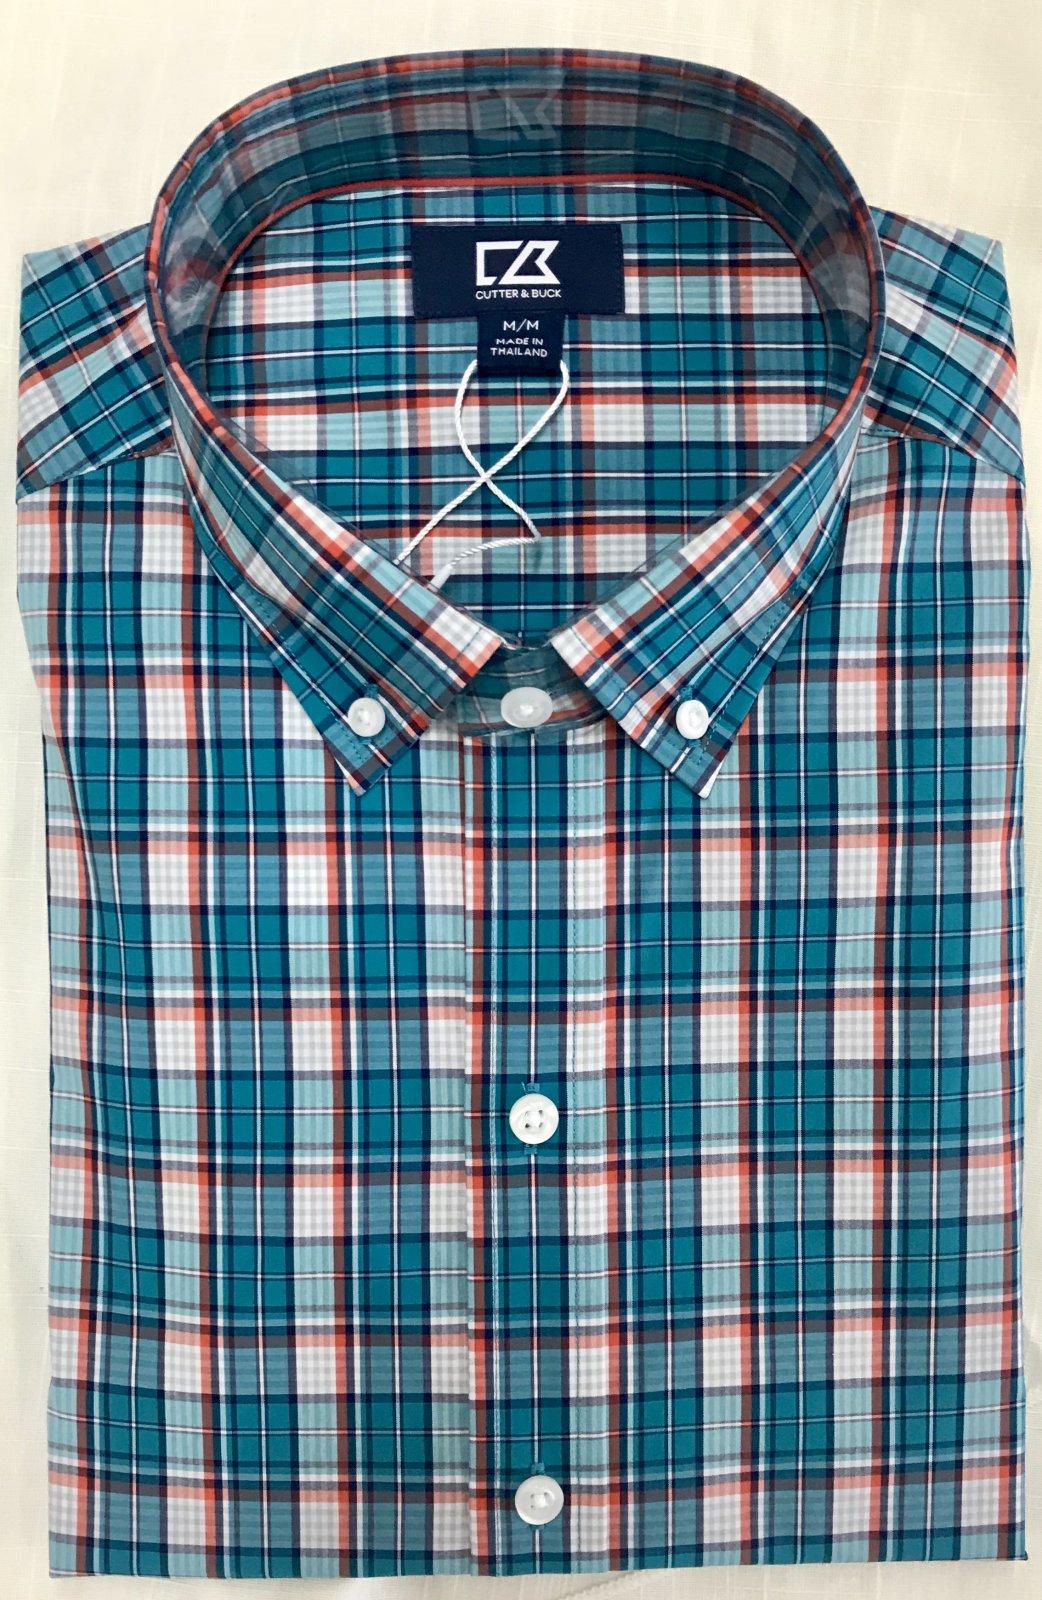 Cutter & Buck Clarence Plaid Shirt